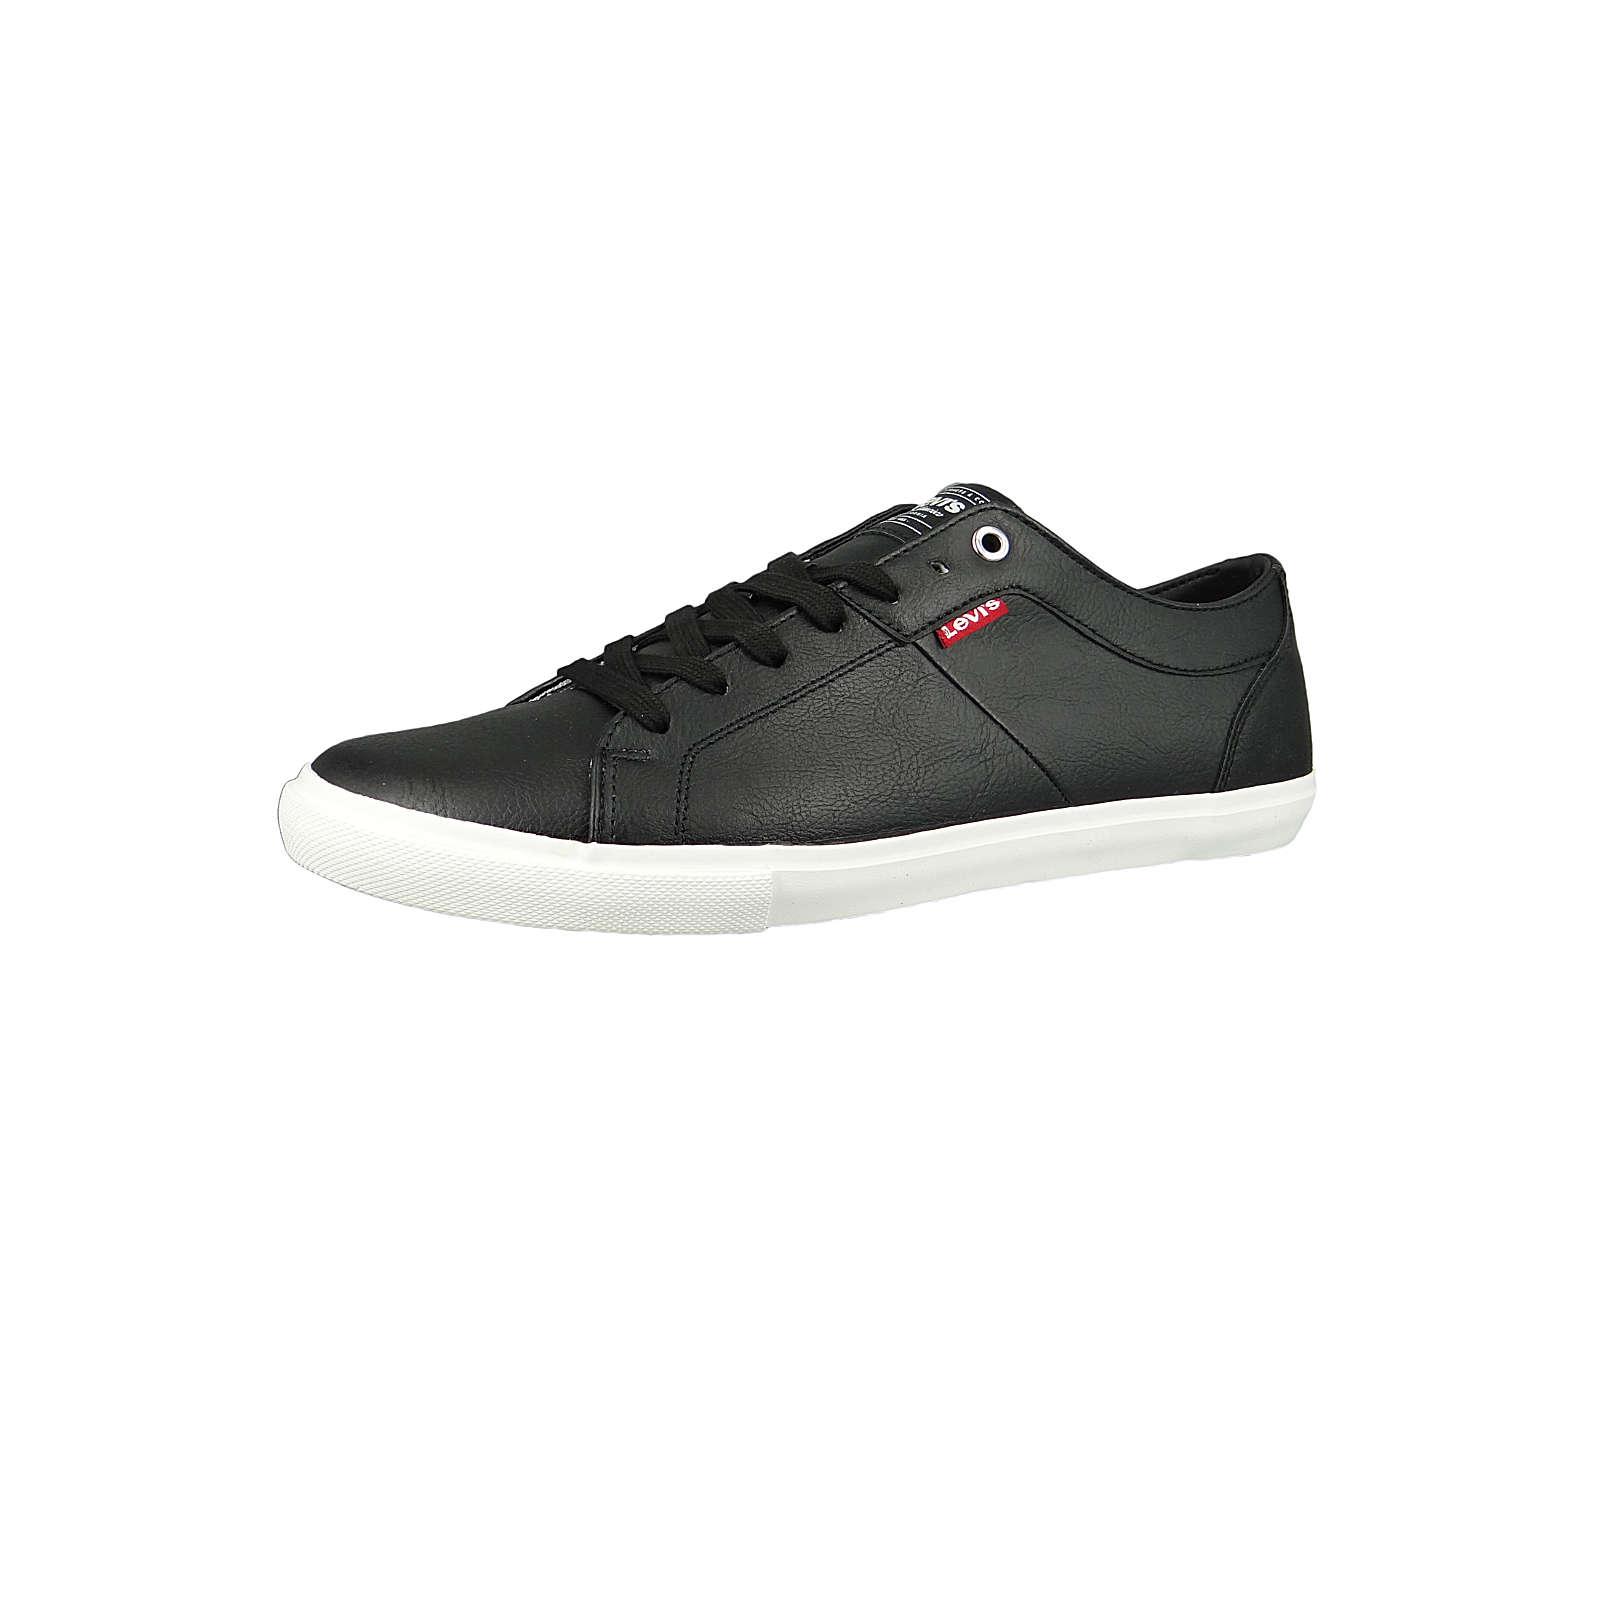 Woods 225826-794-59 Herren Sneaker Regular Black Schwarz Sneakers Low schwarz Herren Gr. 44